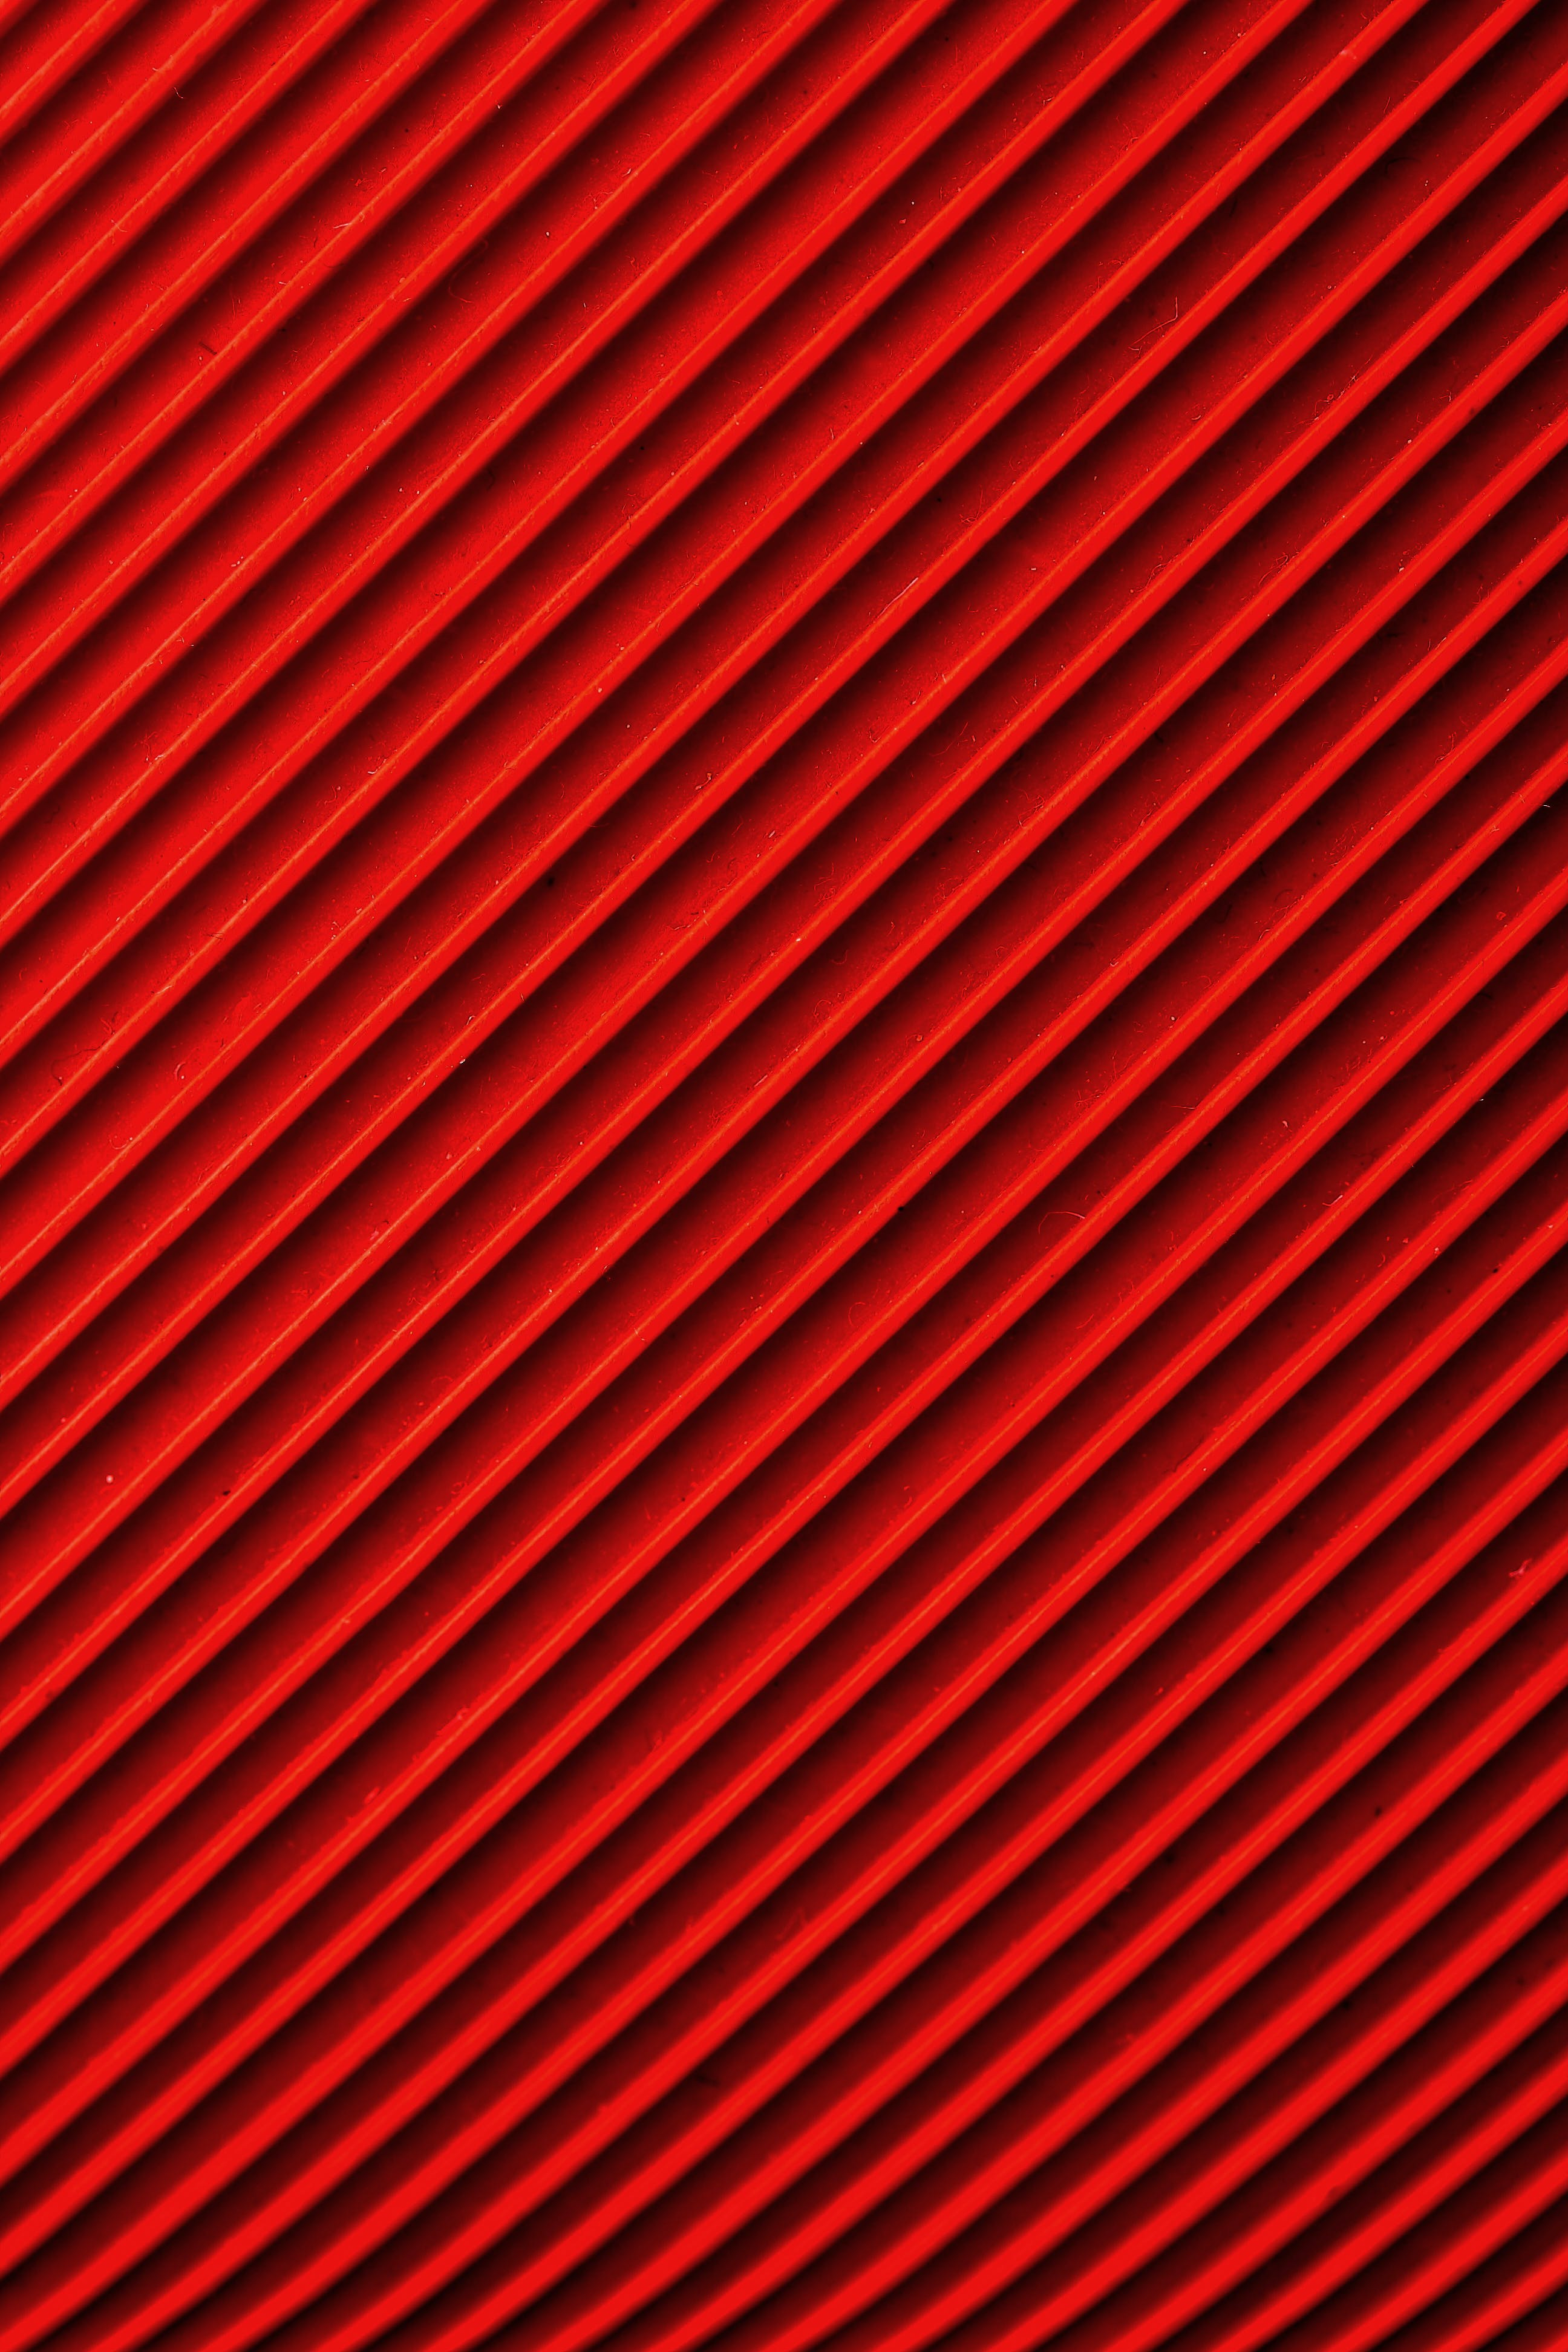 Gratis arkivbilde med abstrakt bakgrunn, bakgrunn, bakgrunnsbilde, diagonal